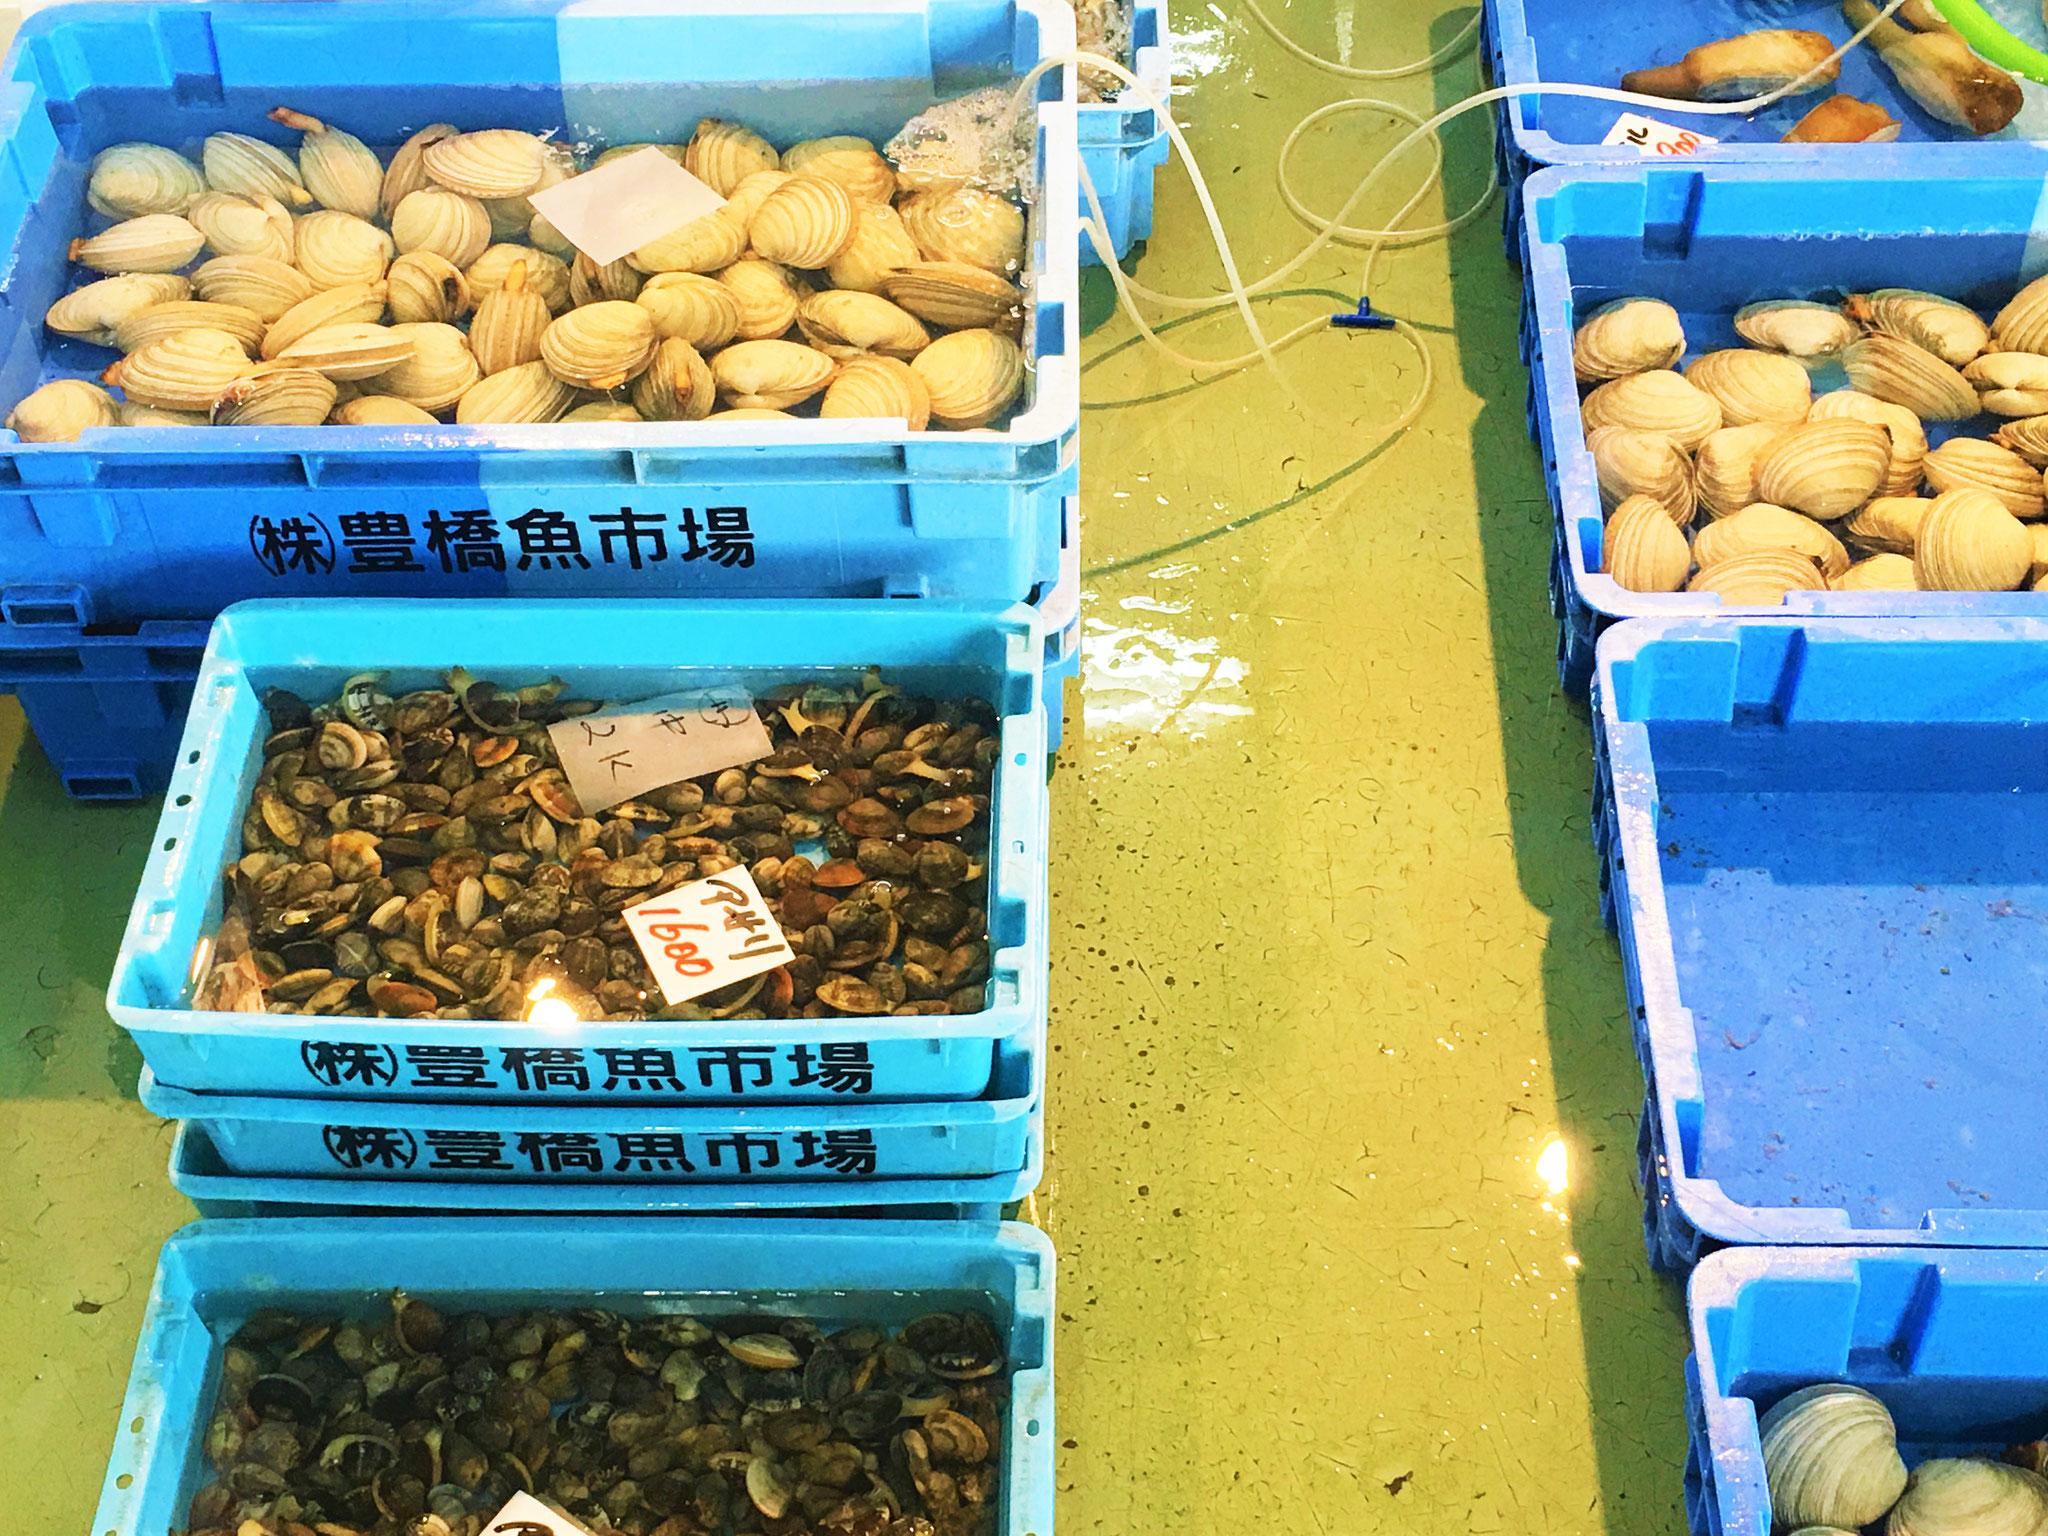 伊良湖産の大アサリやアサリなど貝類も豊富に取り揃えています!